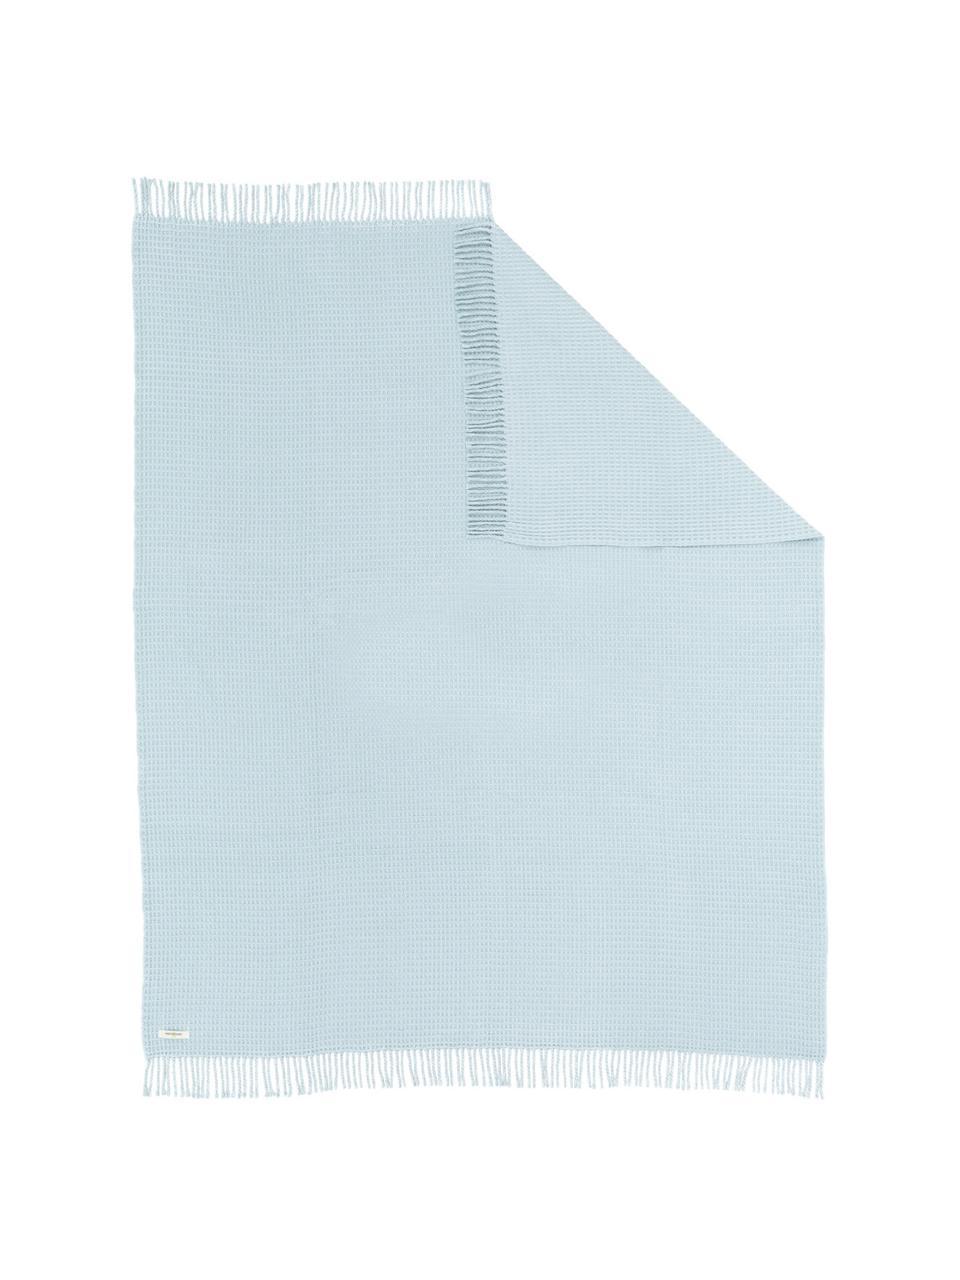 Waffelpiqué-Plaid Sara, 50% Baumwolle, 50% Acryl, Hellblau, 140 x 180 cm